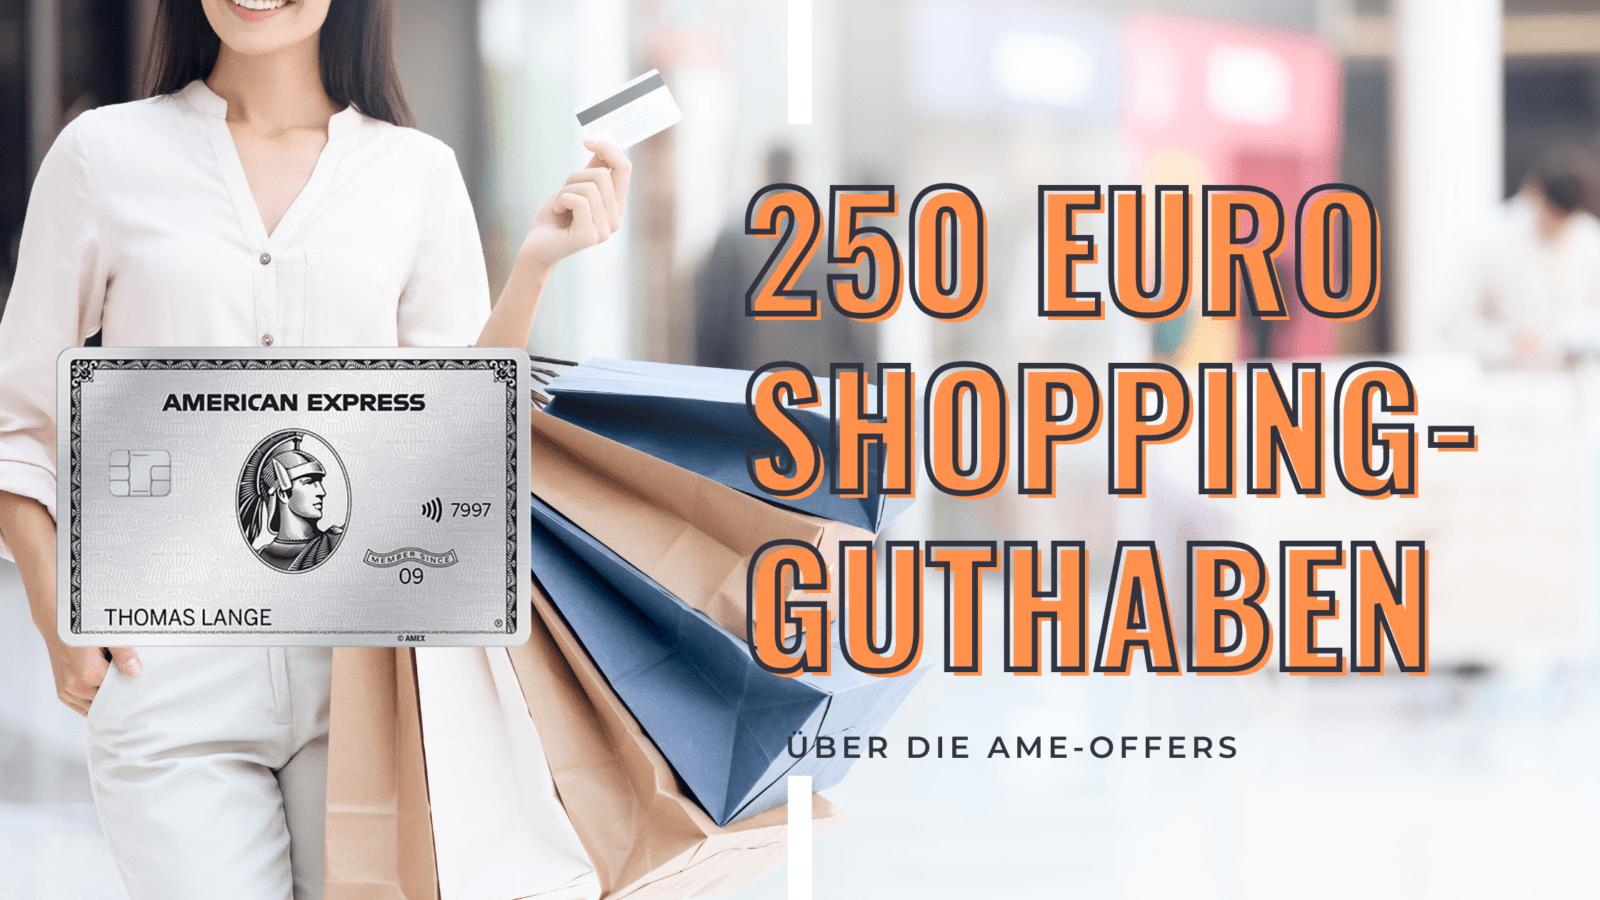 Amex Offers: 250 Euro Shopping-Guthaben erhalten